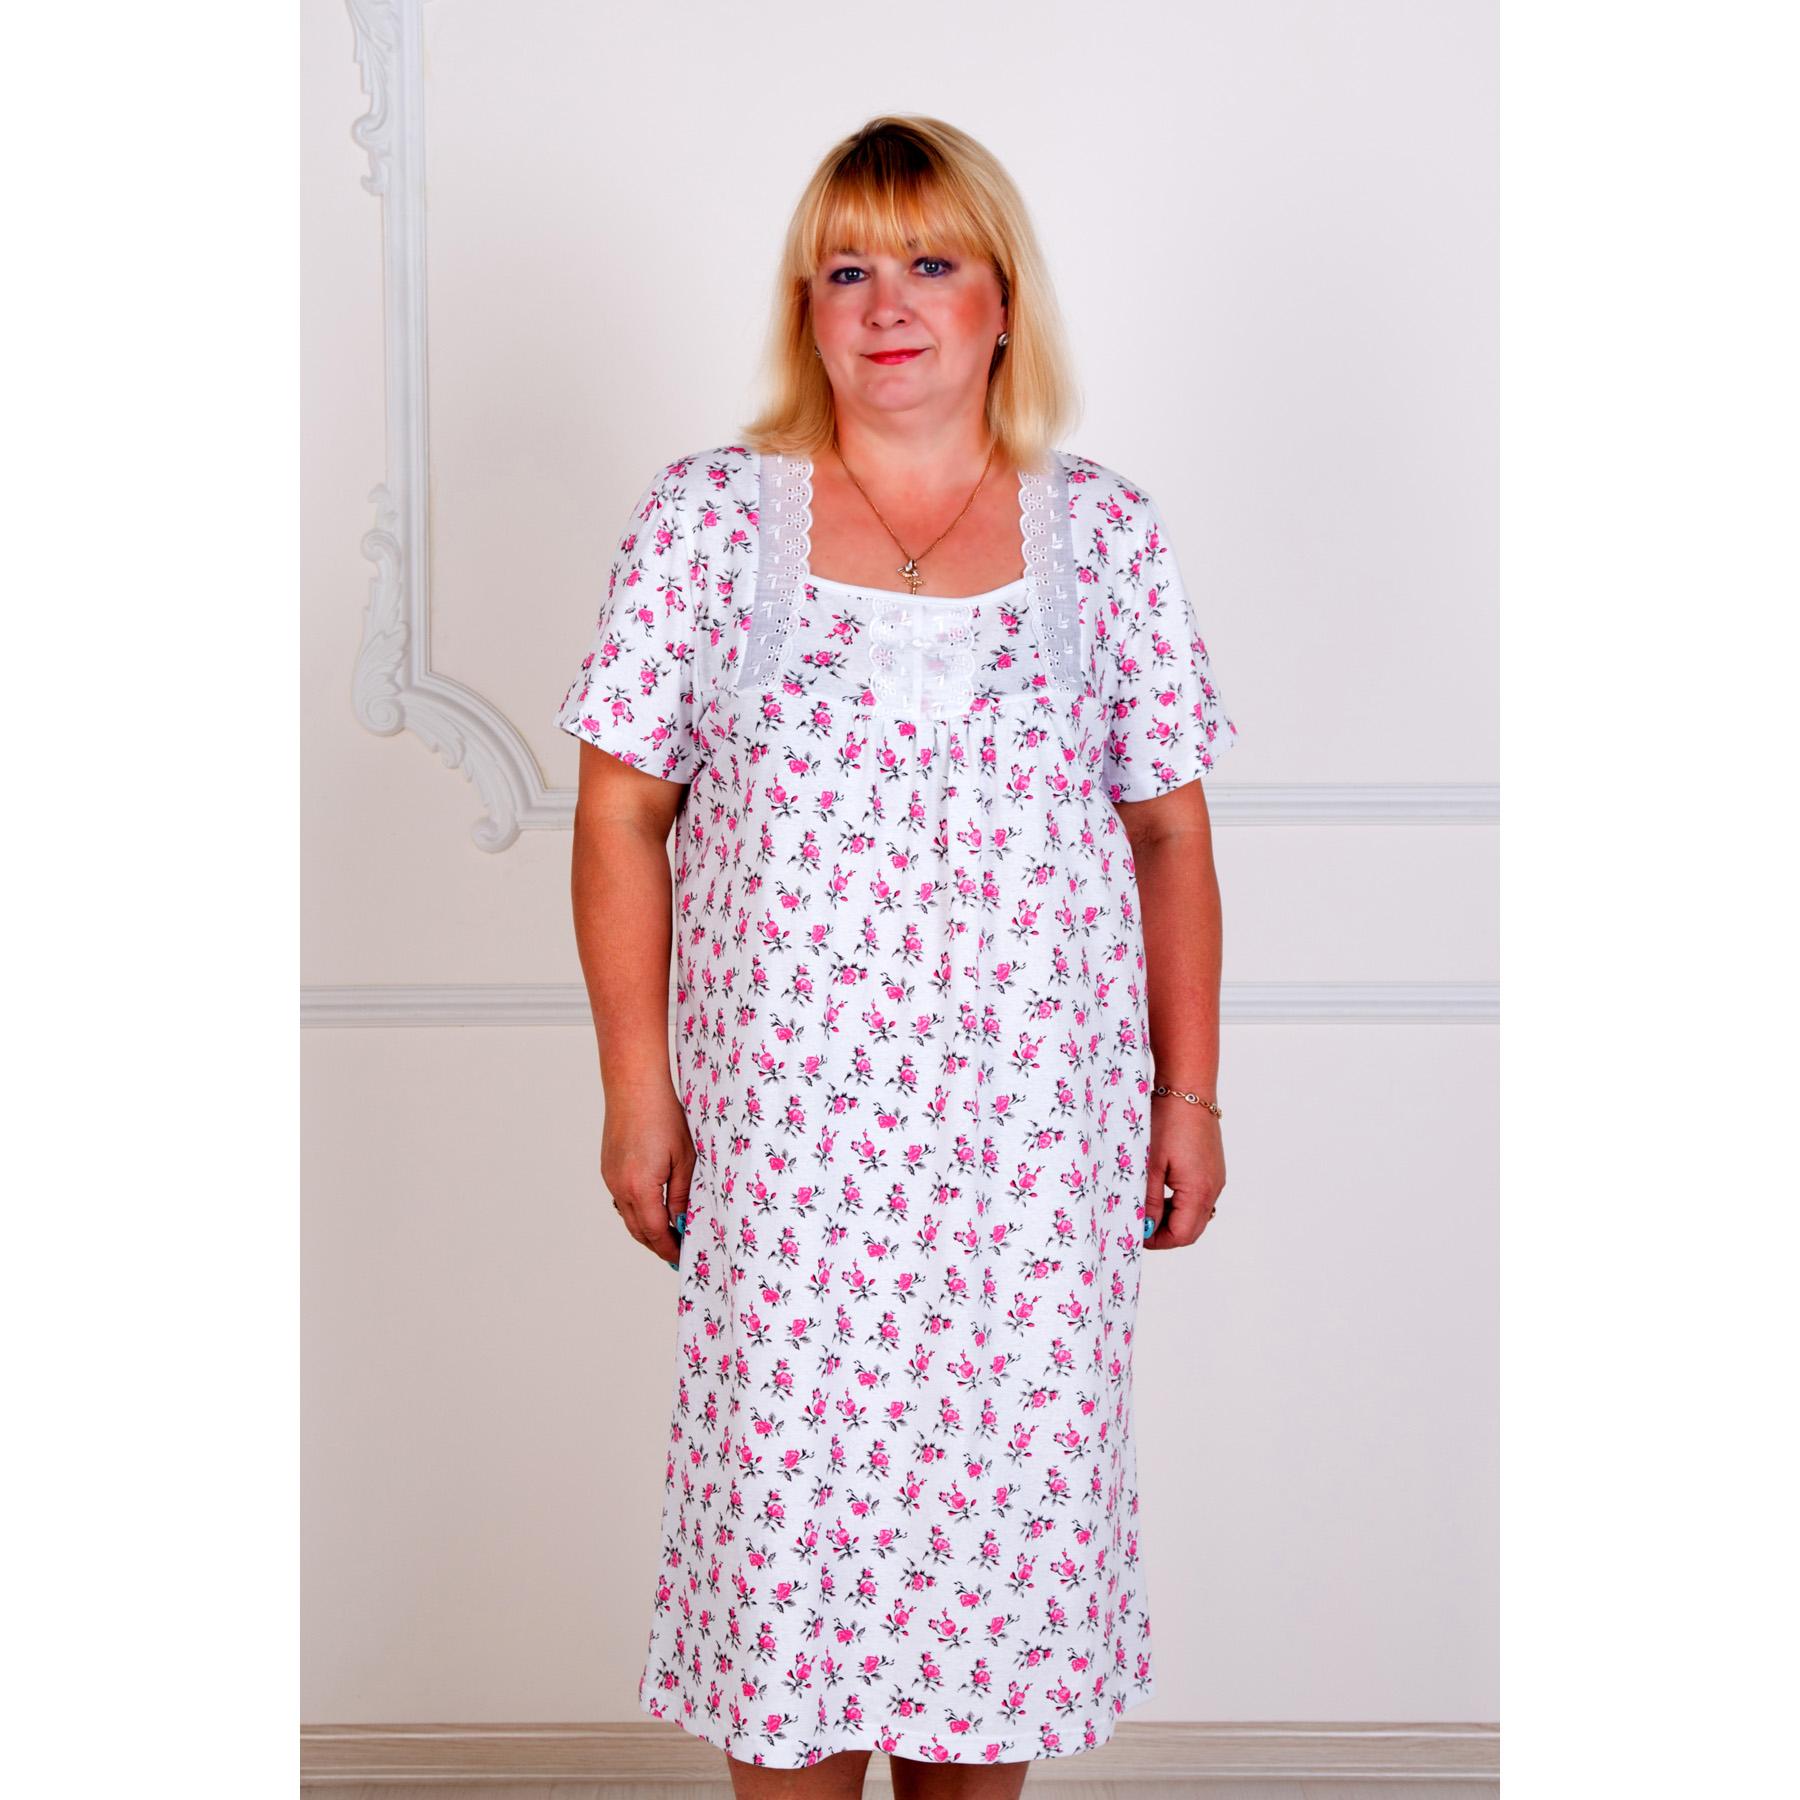 Женская сорочка Маргарита арт. 0083, размер 50Пижамы и ночные сорочки<br>Обхват груди:100 см<br>Обхват талии:82 см<br>Обхват бедер:108 см<br>Рост:167 см<br><br>Тип: Жен. сорочка<br>Размер: 50<br>Материал: Кулирка